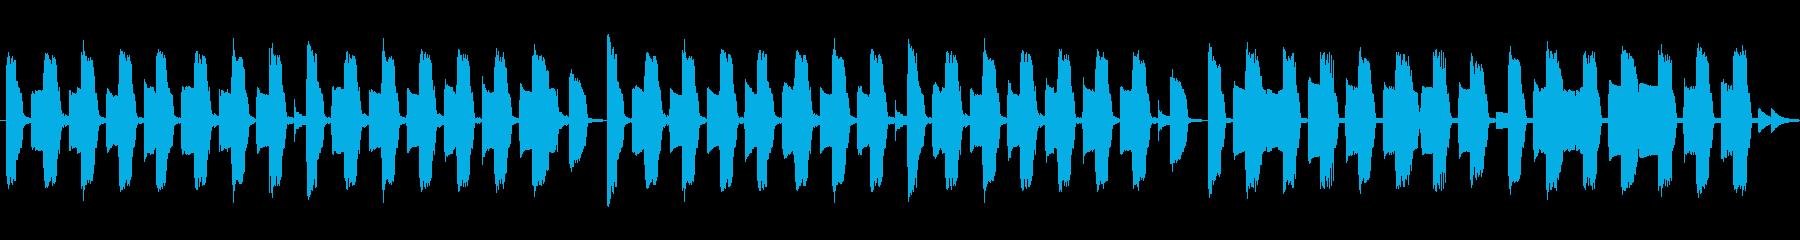 懐かしい!アーケードのリザルト風インストの再生済みの波形